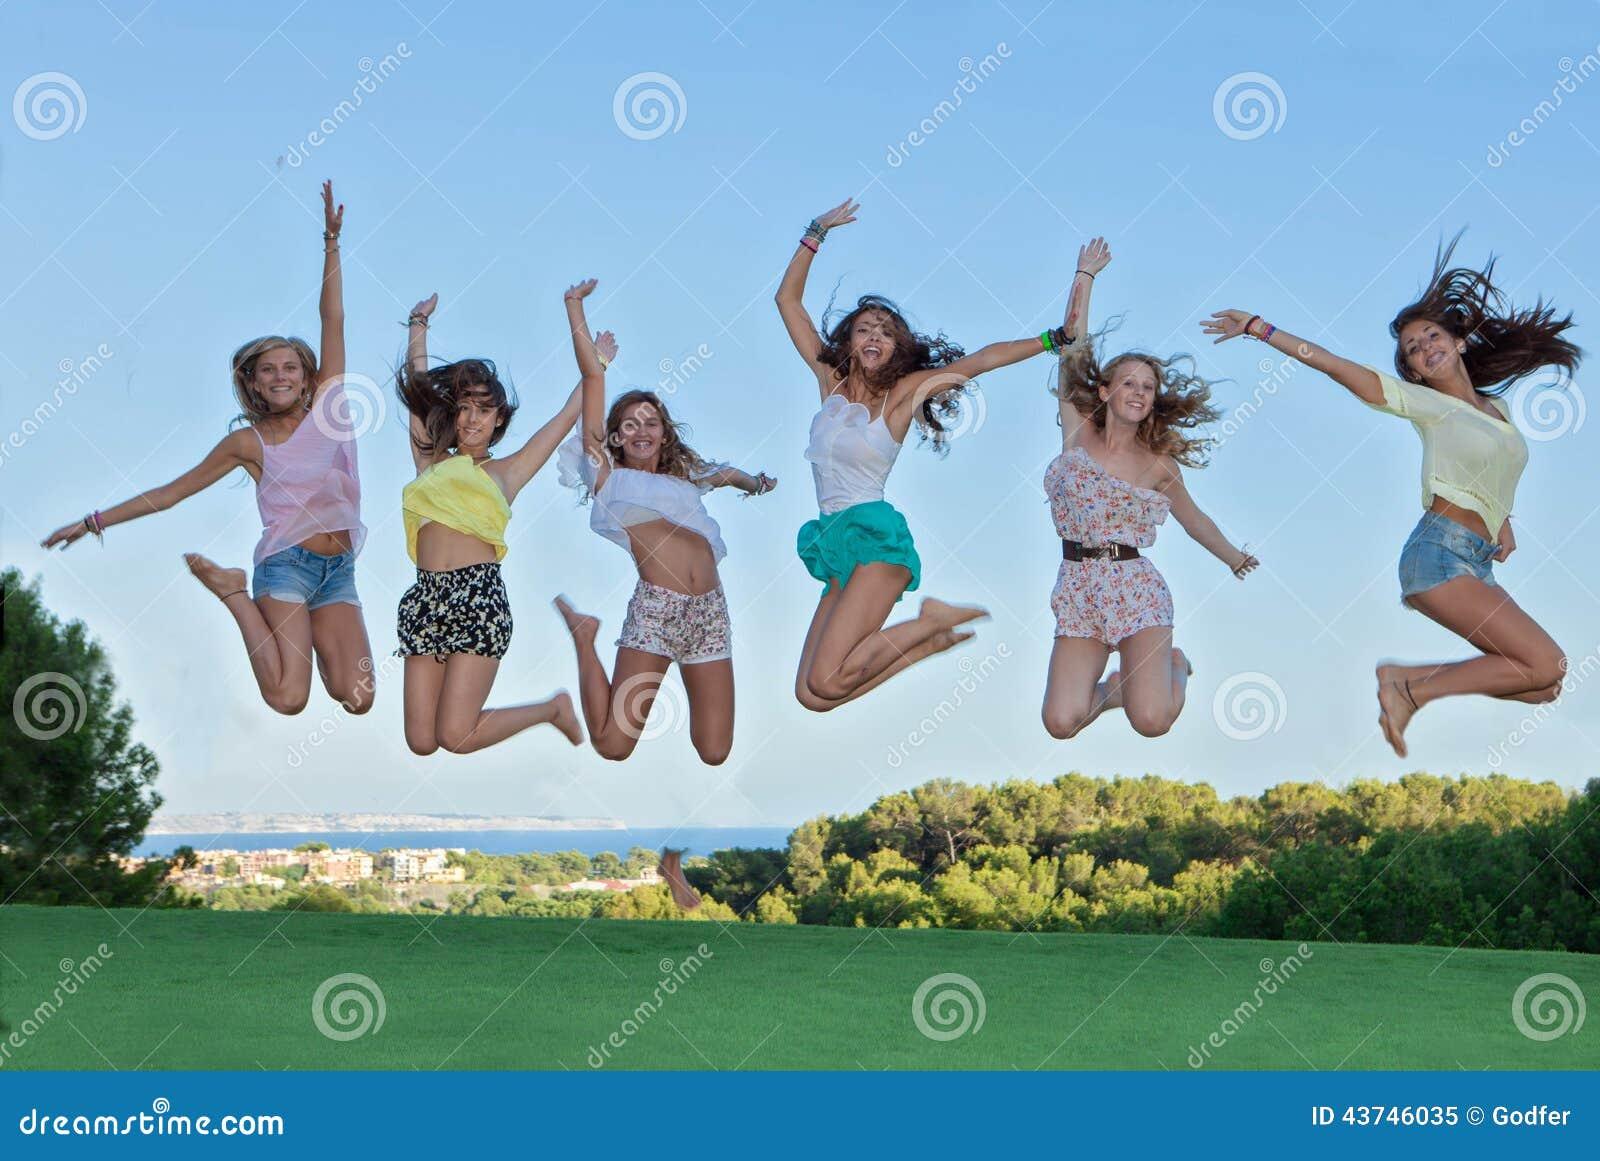 Grupp av lyckligt hoppa för tonår,